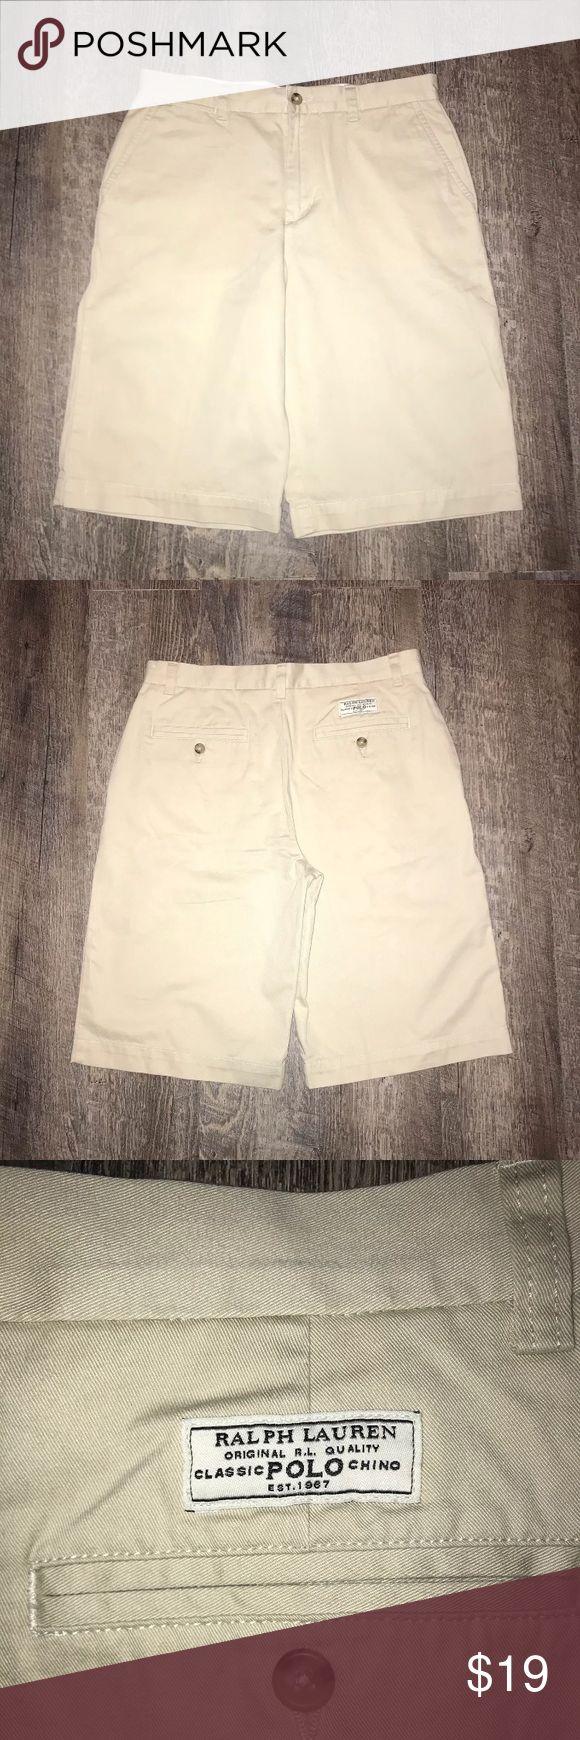 Polo Ralph Lauren Boys Chino Shorts Polo Ralph Lauren Boys Chino Shorts in excellent condition.  Size: 18 Color: Khaki Polo by Ralph Lauren Bottoms Shorts